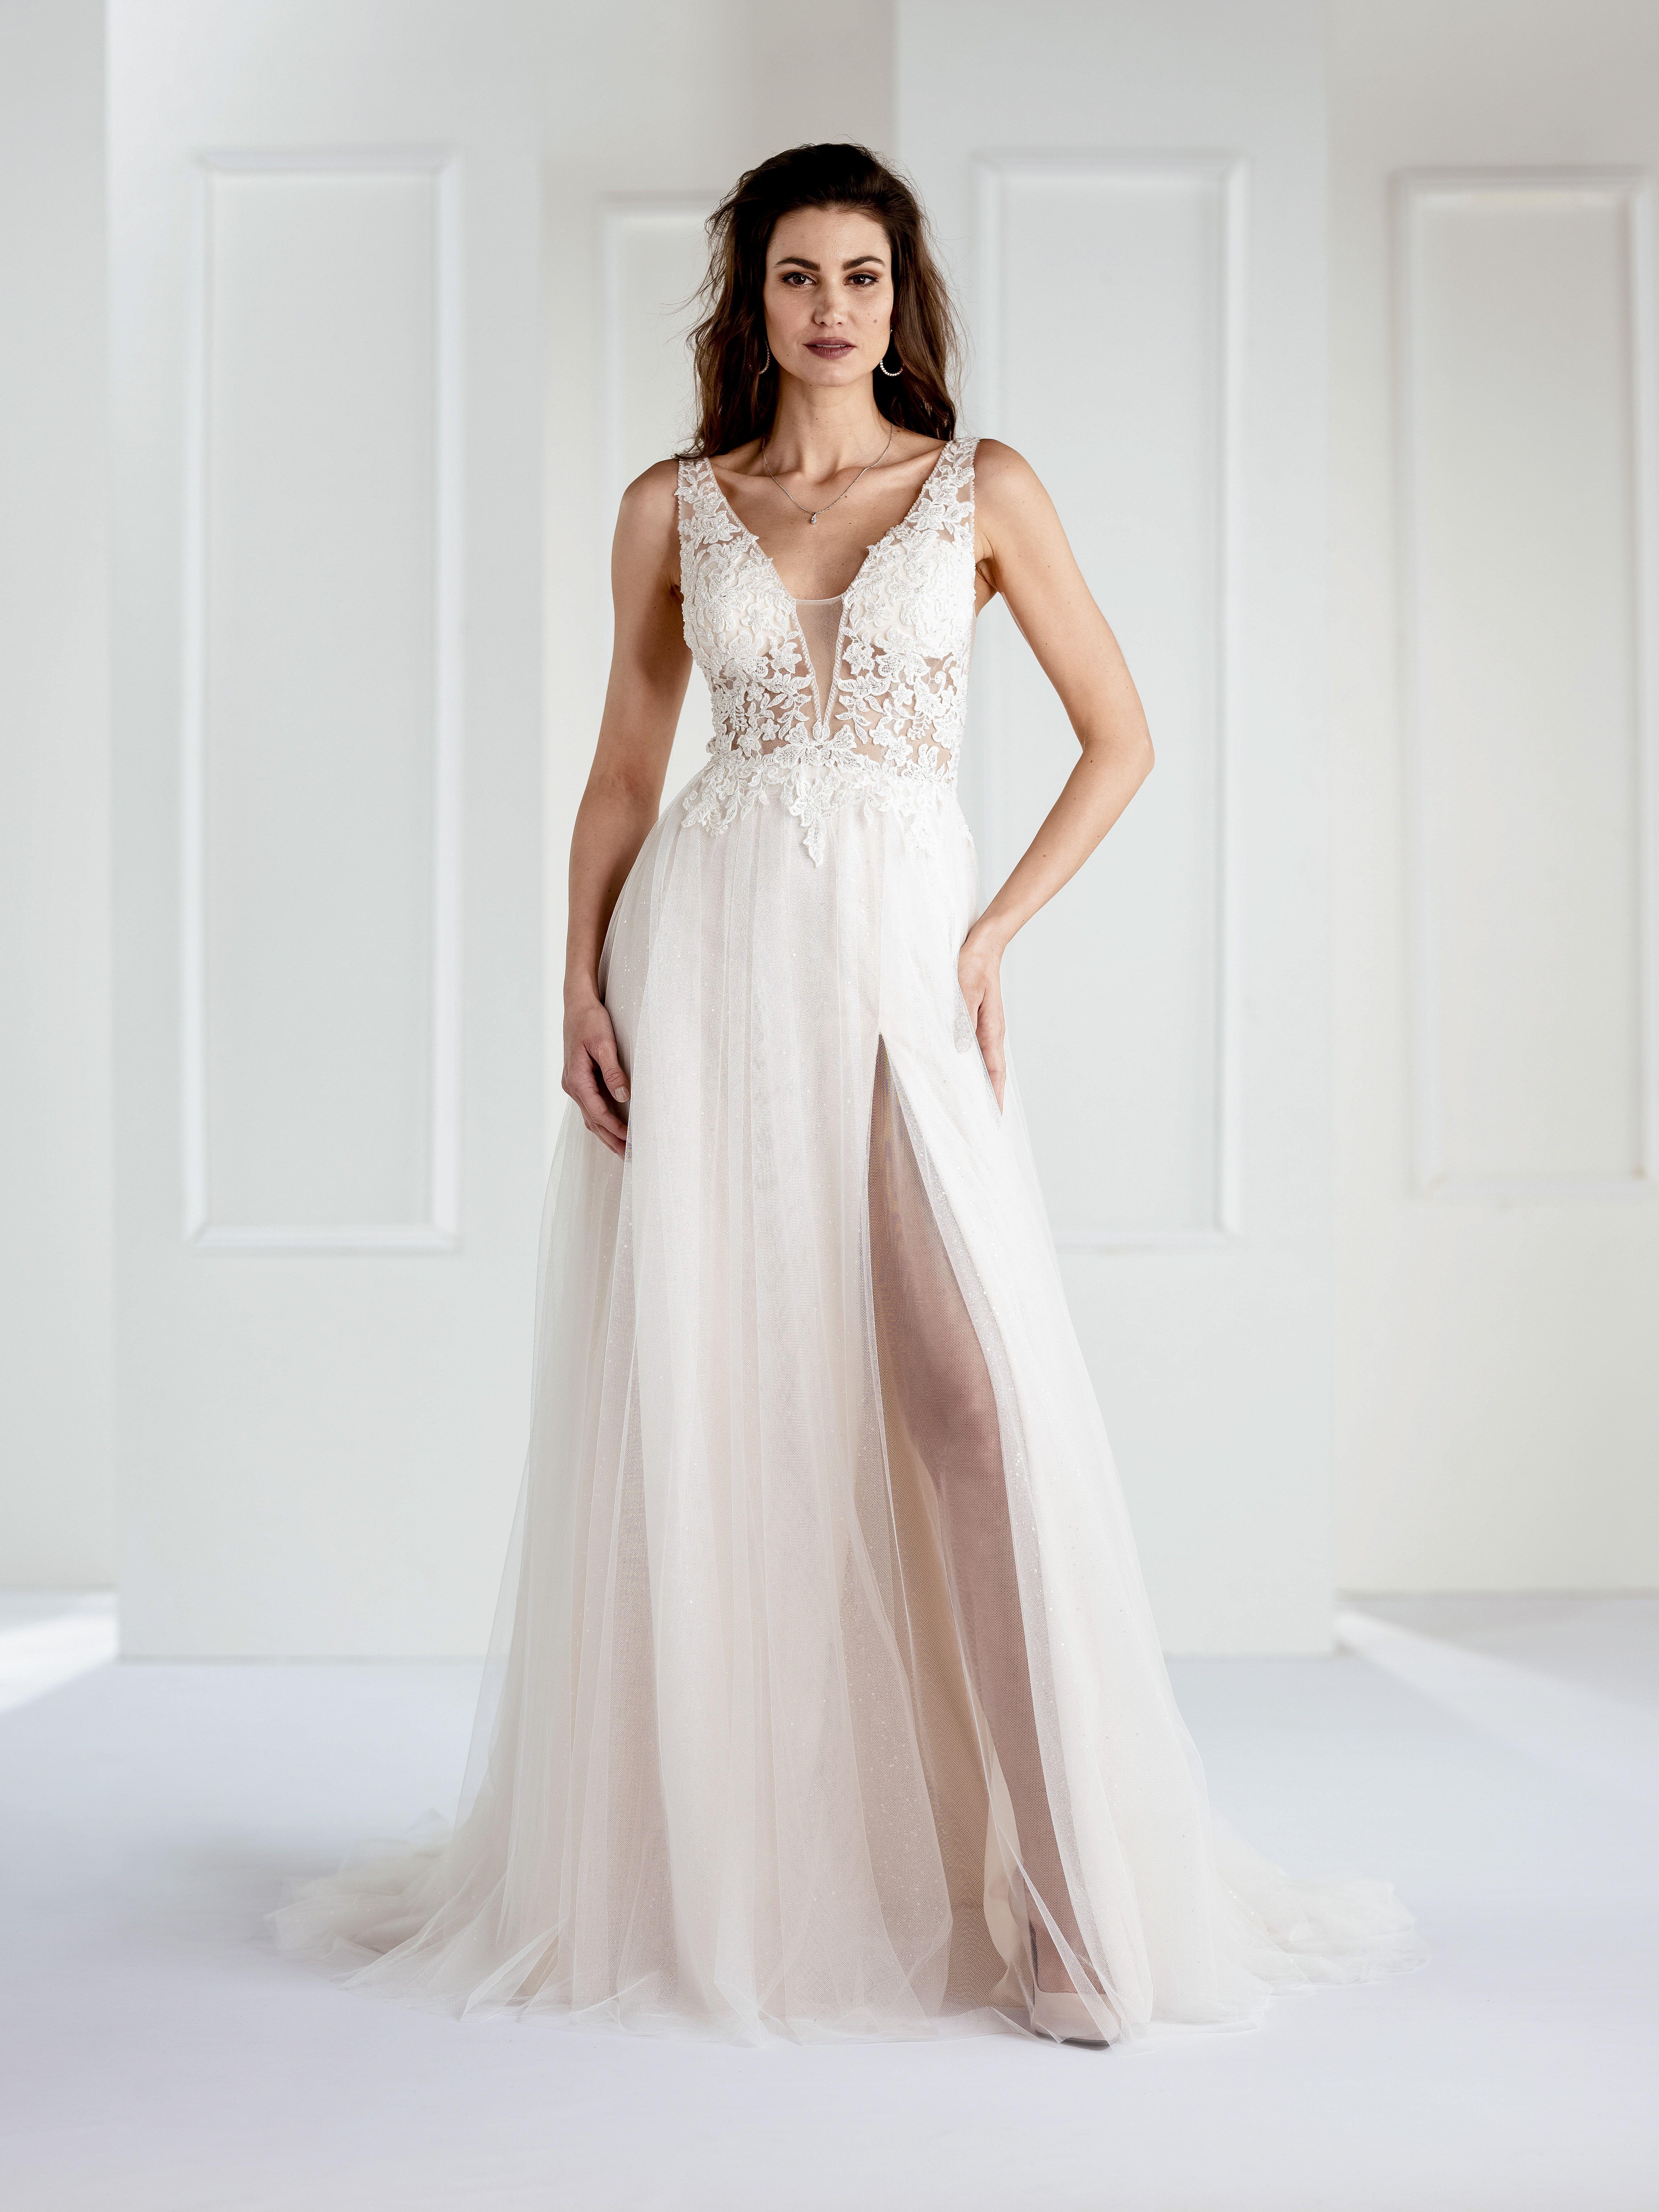 brautkleid sposa toscana 2021 in 2020 | brautkleid, braut